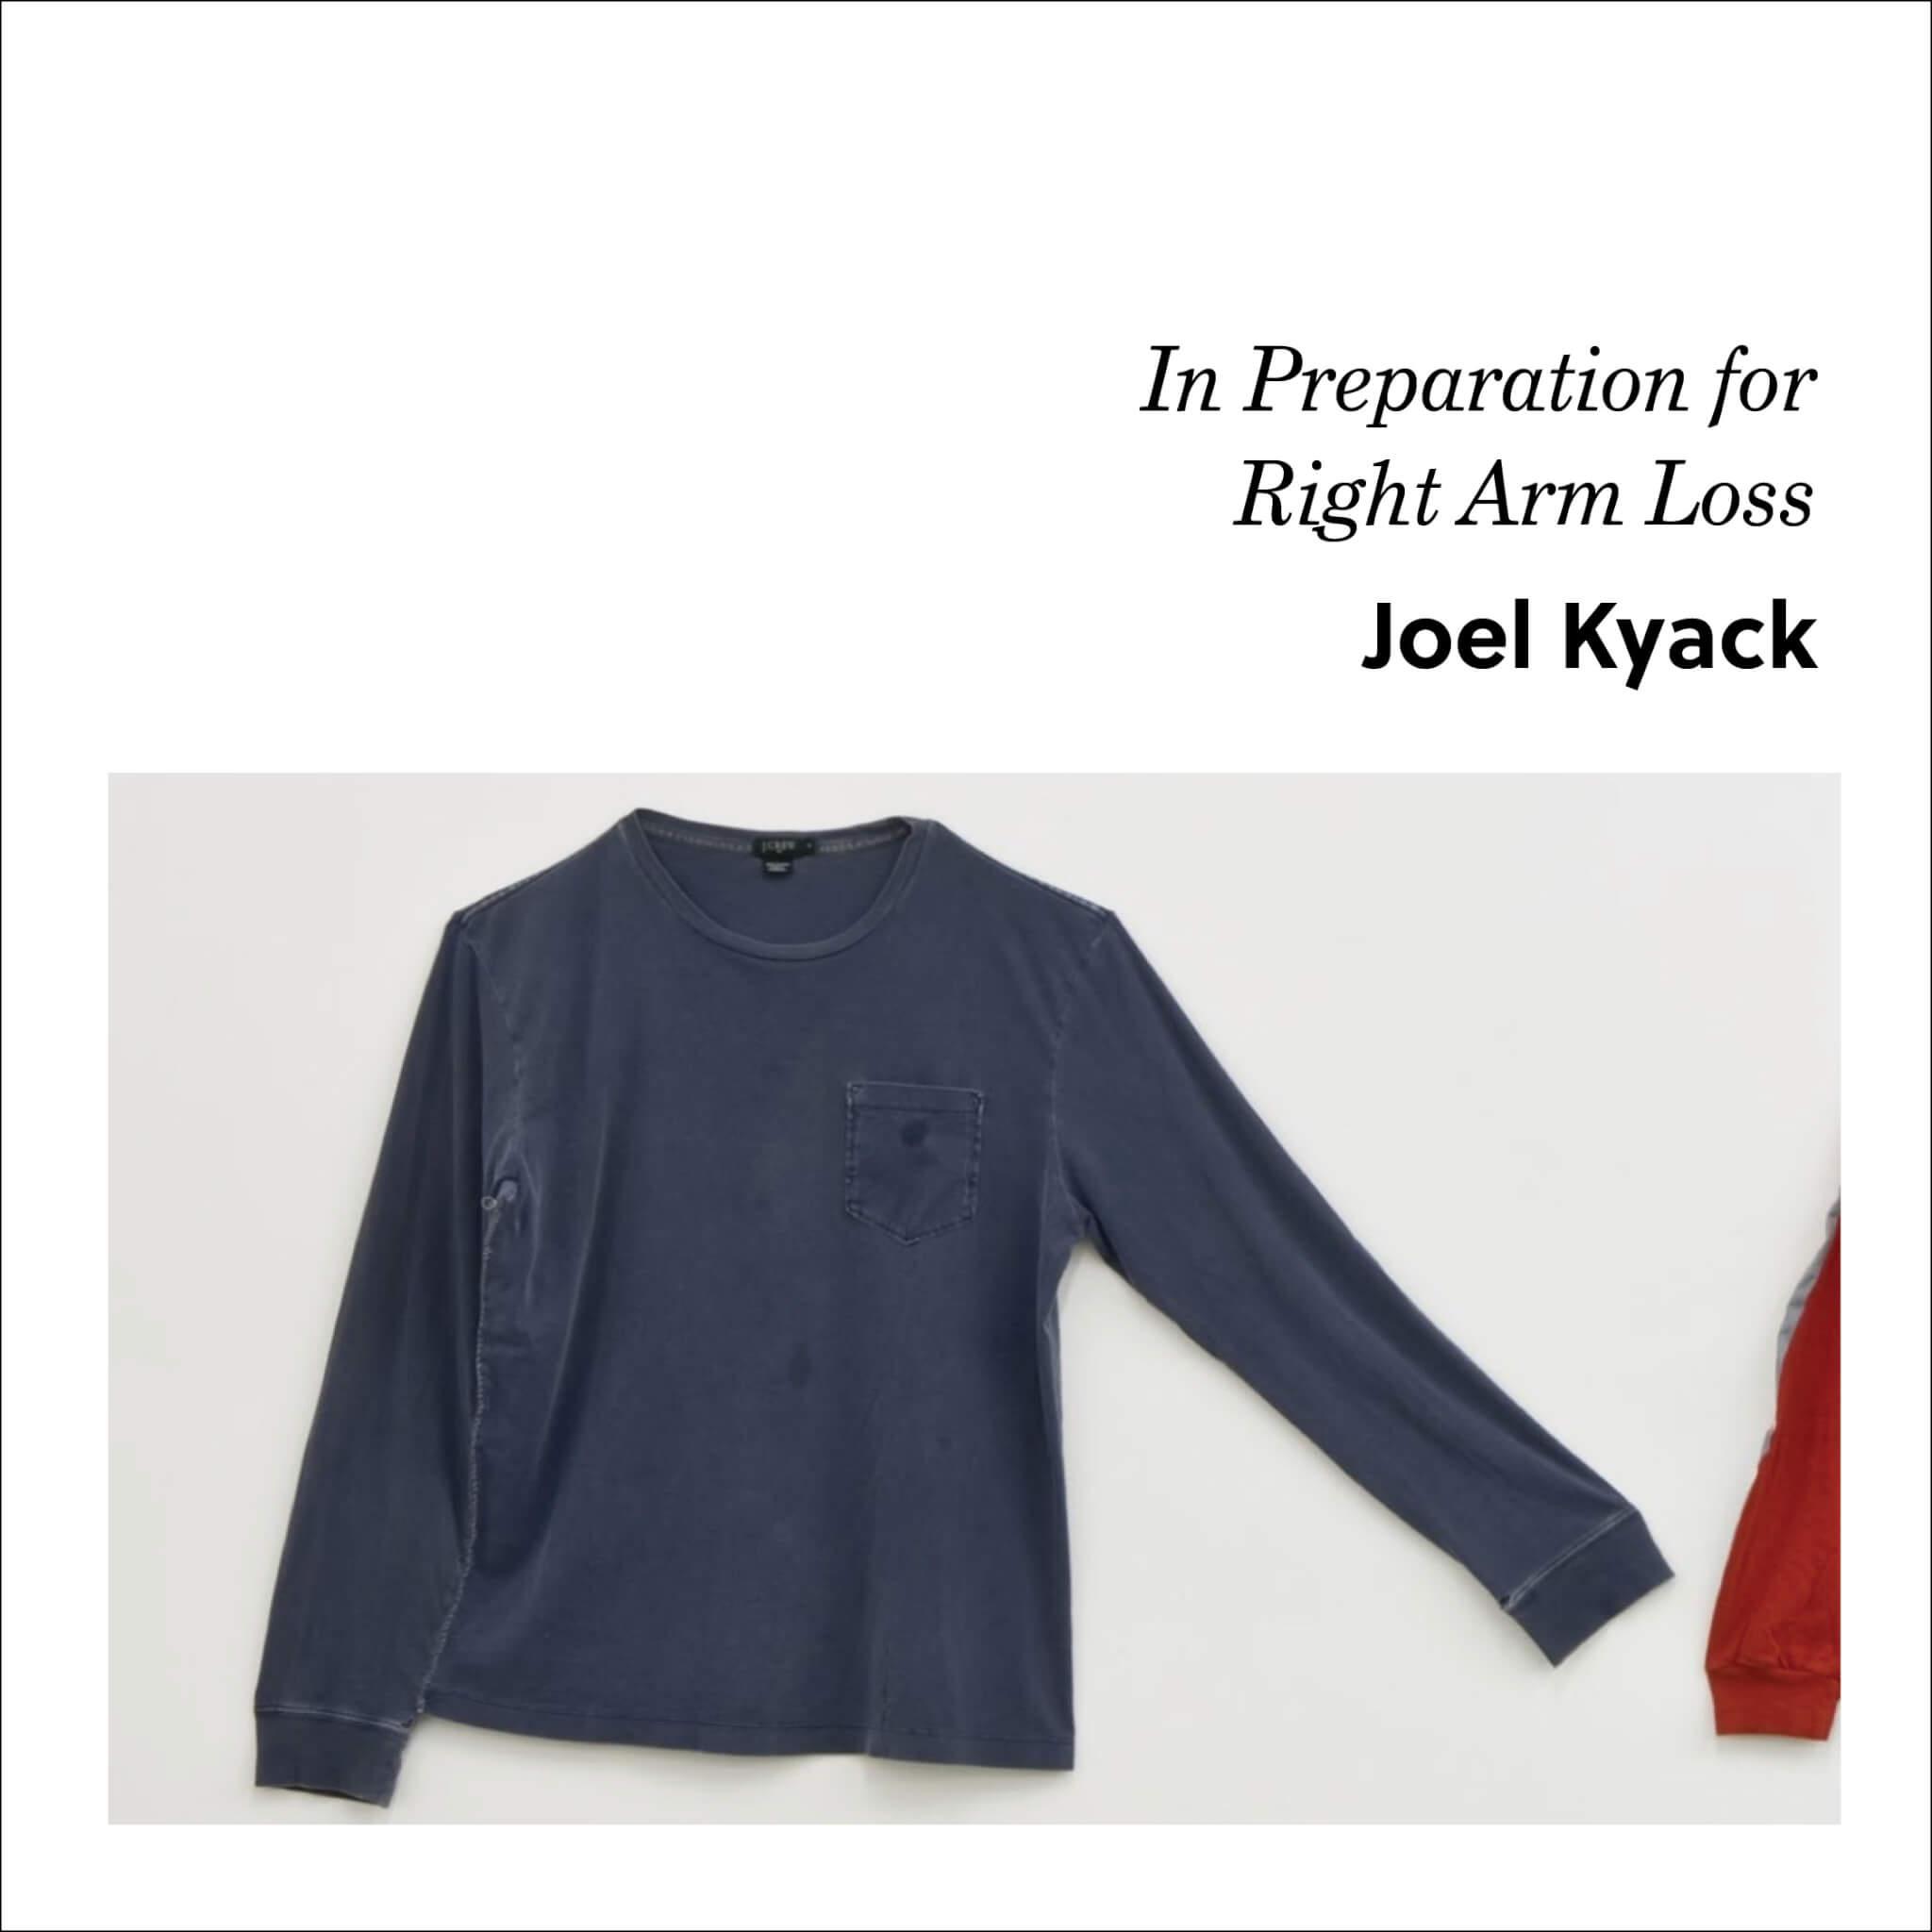 Week 2: Joel Kyack